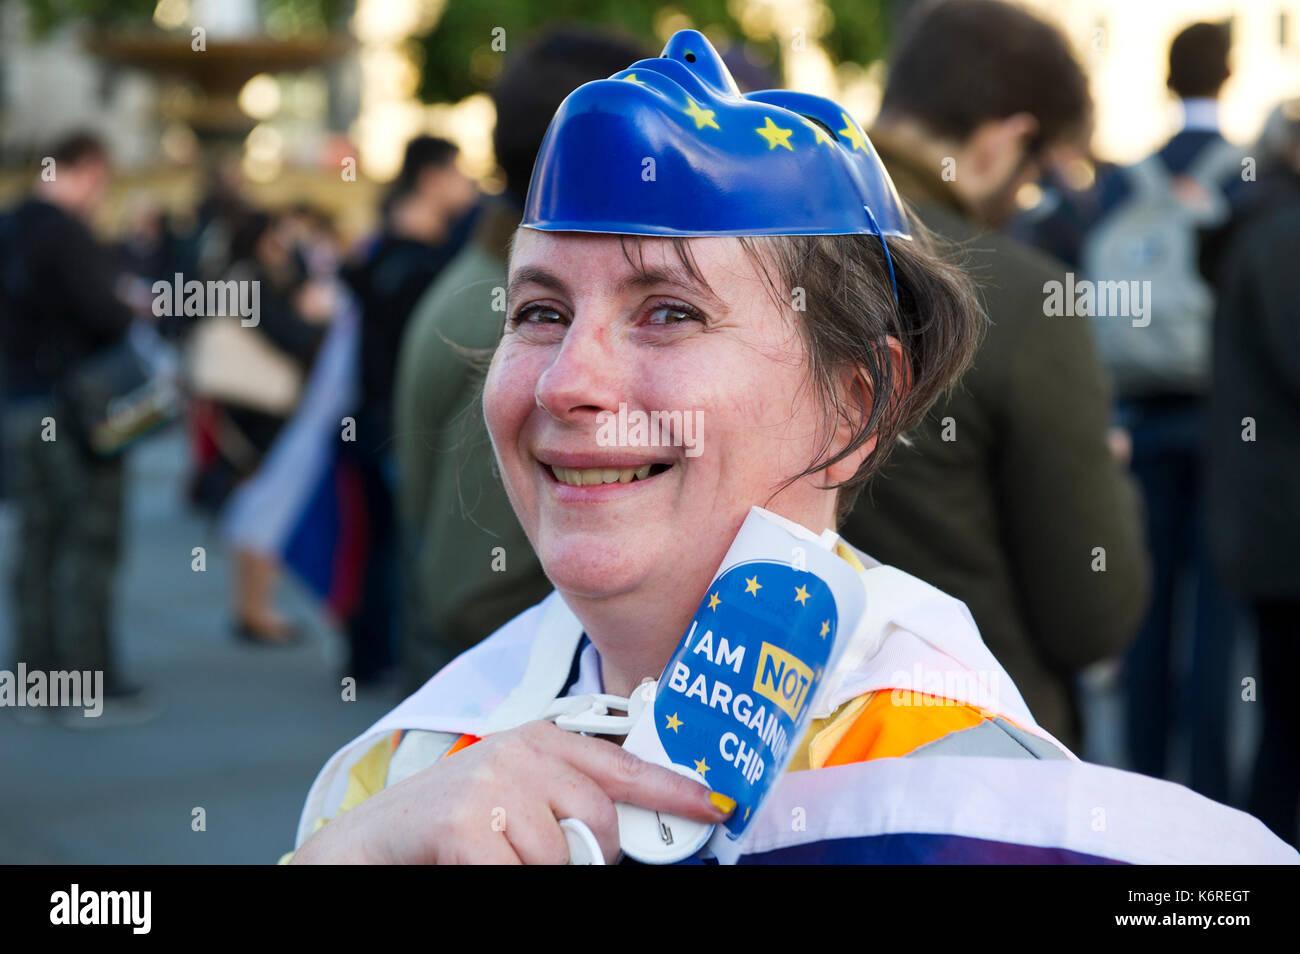 """Londra, Regno Unito. Xiii Sep, 2017. Una donna con un Unione Europea maschera sulla sua testa è raffigurato durante i cittadini"""" Rally come una giornata di azione per cittadini dell' Unione europea nel Regno Unito e per i cittadini britannici in Europa. Ai cittadini il Rally in Trafalgar Square è stato creato per celebrare la vita di tutti i cittadini UE che risiedono nel Regno Unito & i cittadini britannici in Europa e sostenere la loro semplice chiedere di conservare i loro diritti attuali invariata dopo Brexit. Foto Stock"""